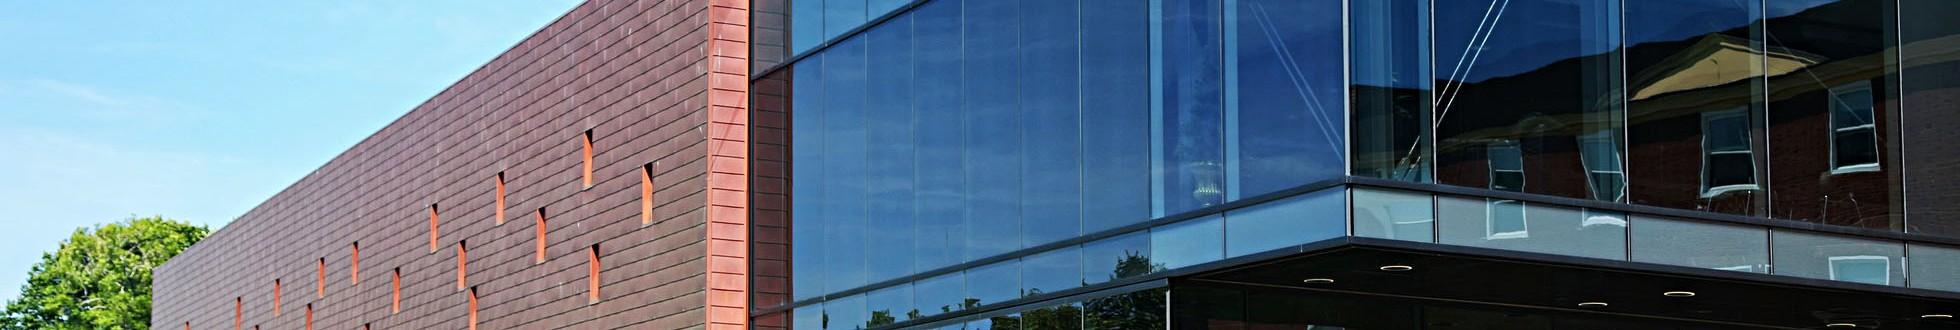 Professionele cementsluier verwijdering van glas